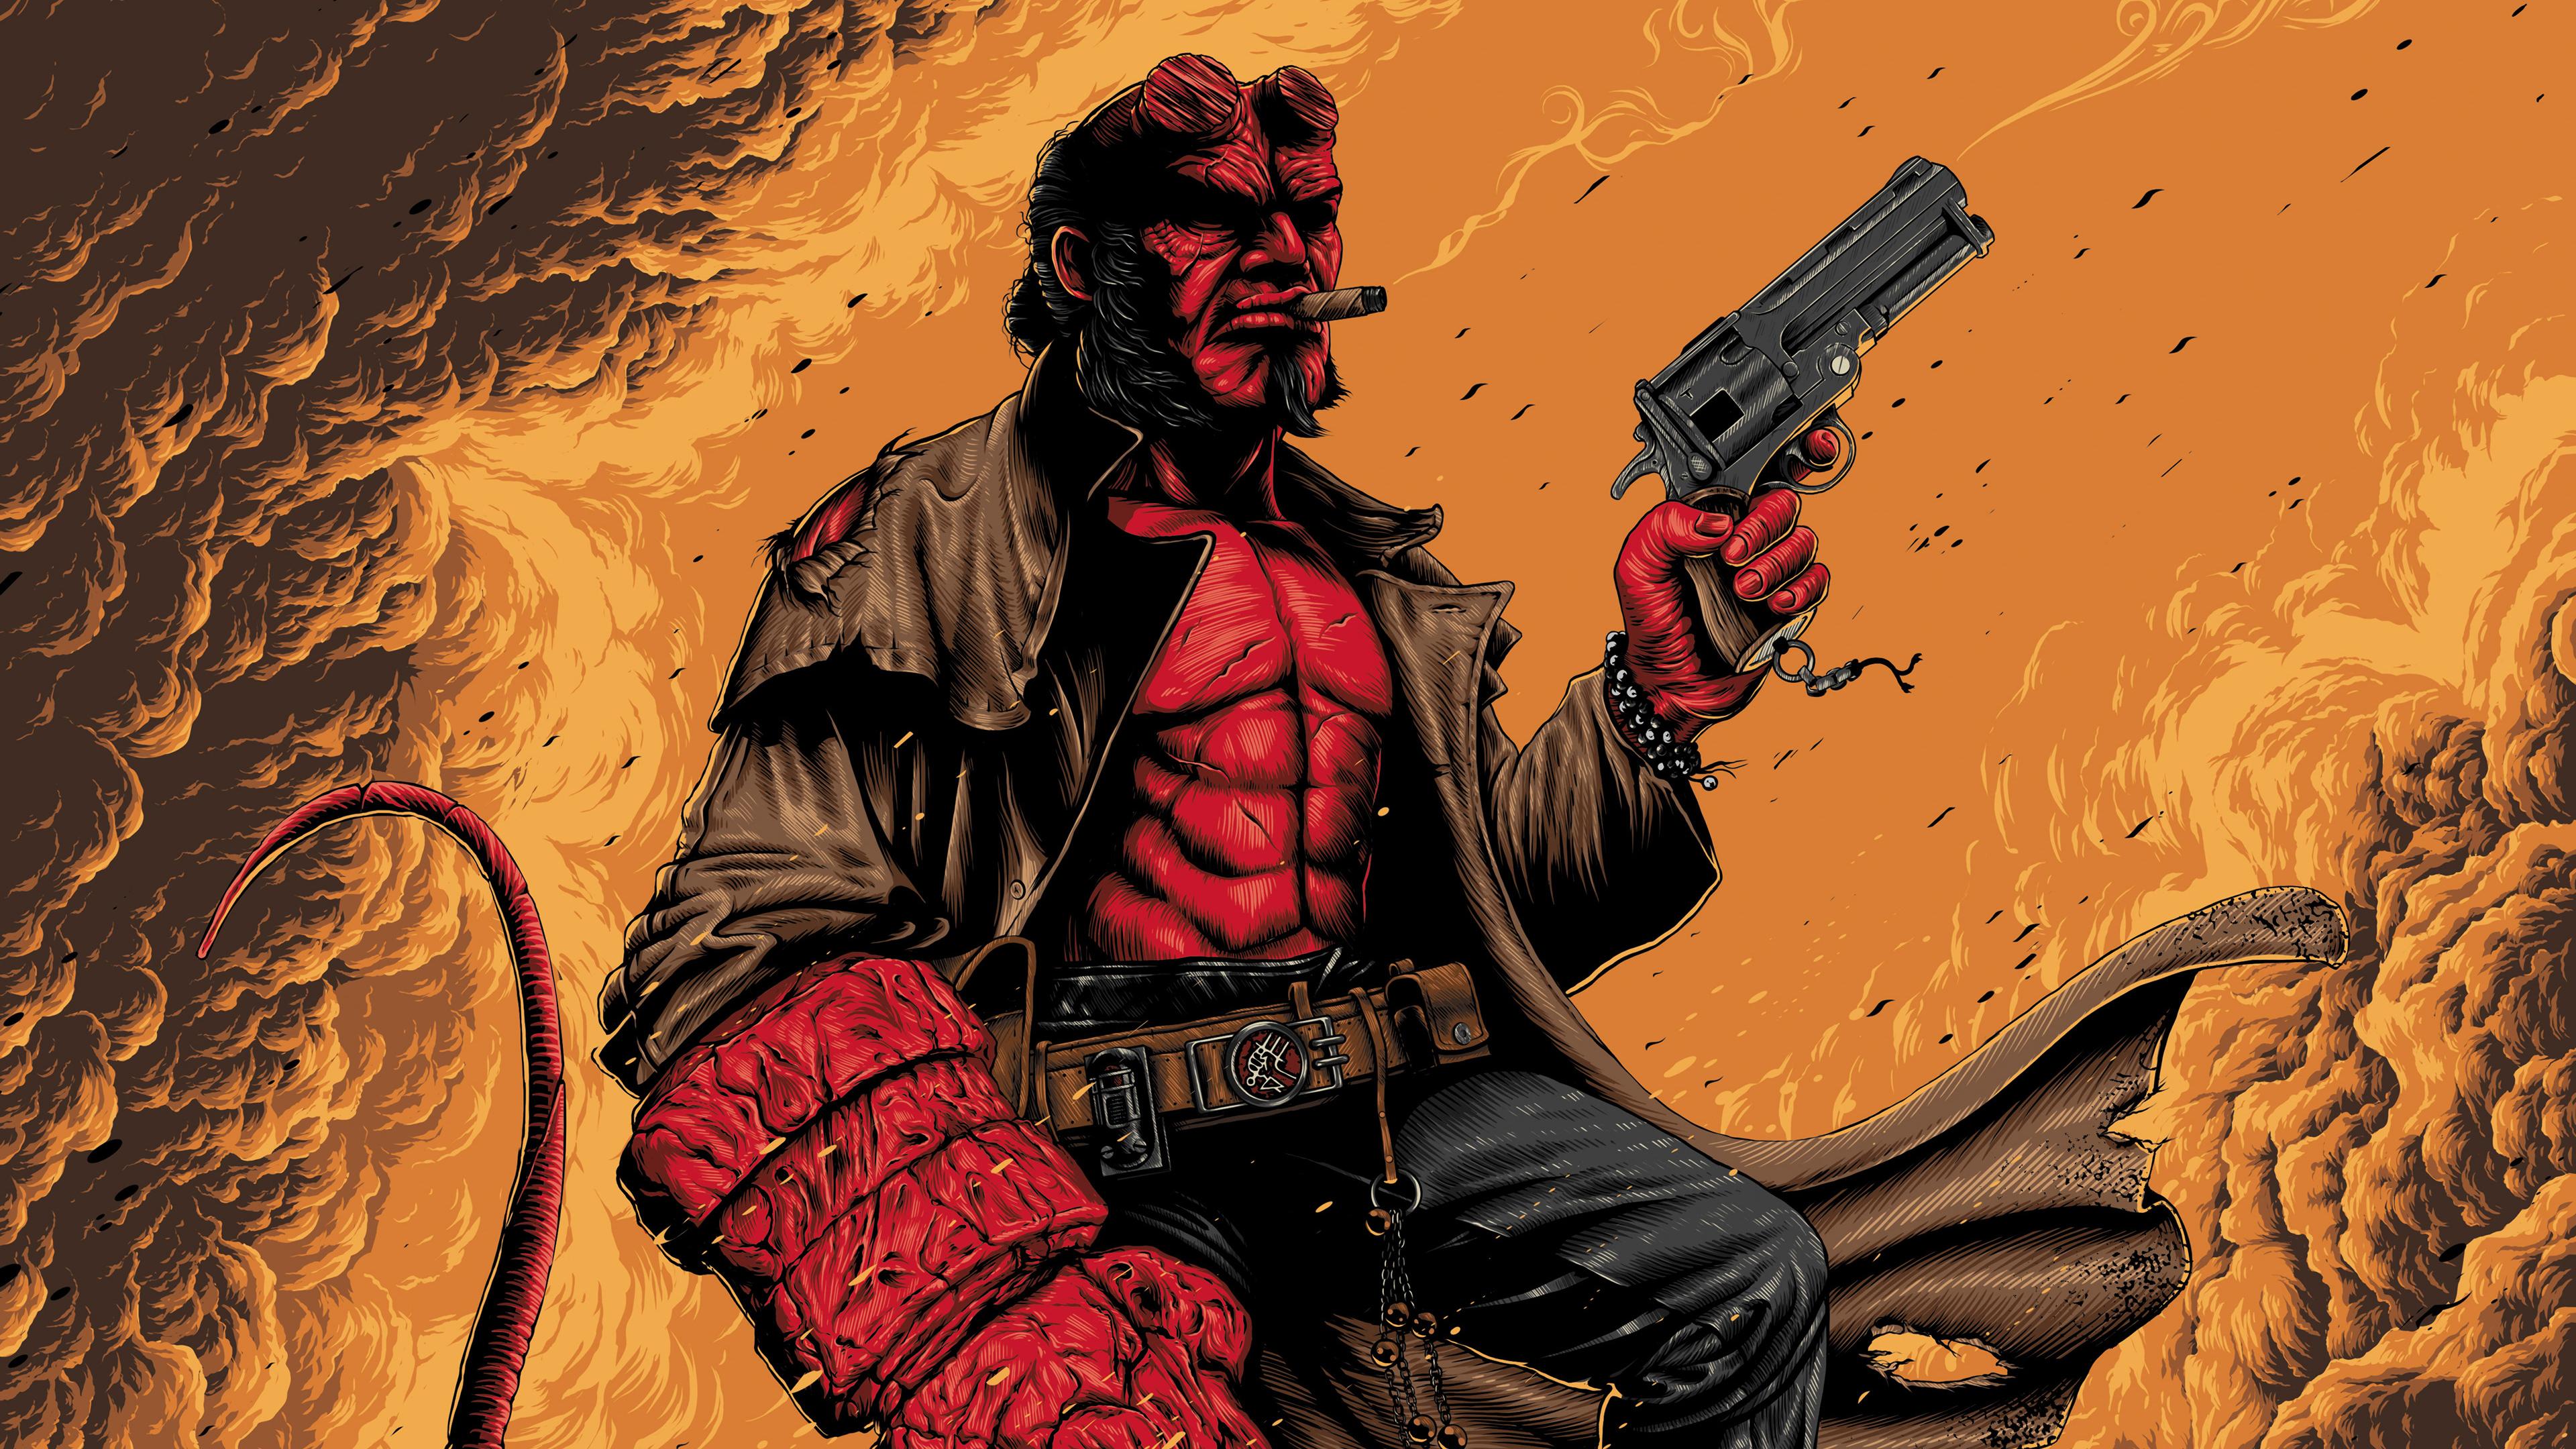 4k hellboy artwork 1557260300 - 4k Hellboy Artwork - superheroes wallpapers, hellboy wallpapers, hd-wallpapers, digital art wallpapers, artwork wallpapers, art wallpapers, 4k-wallpapers